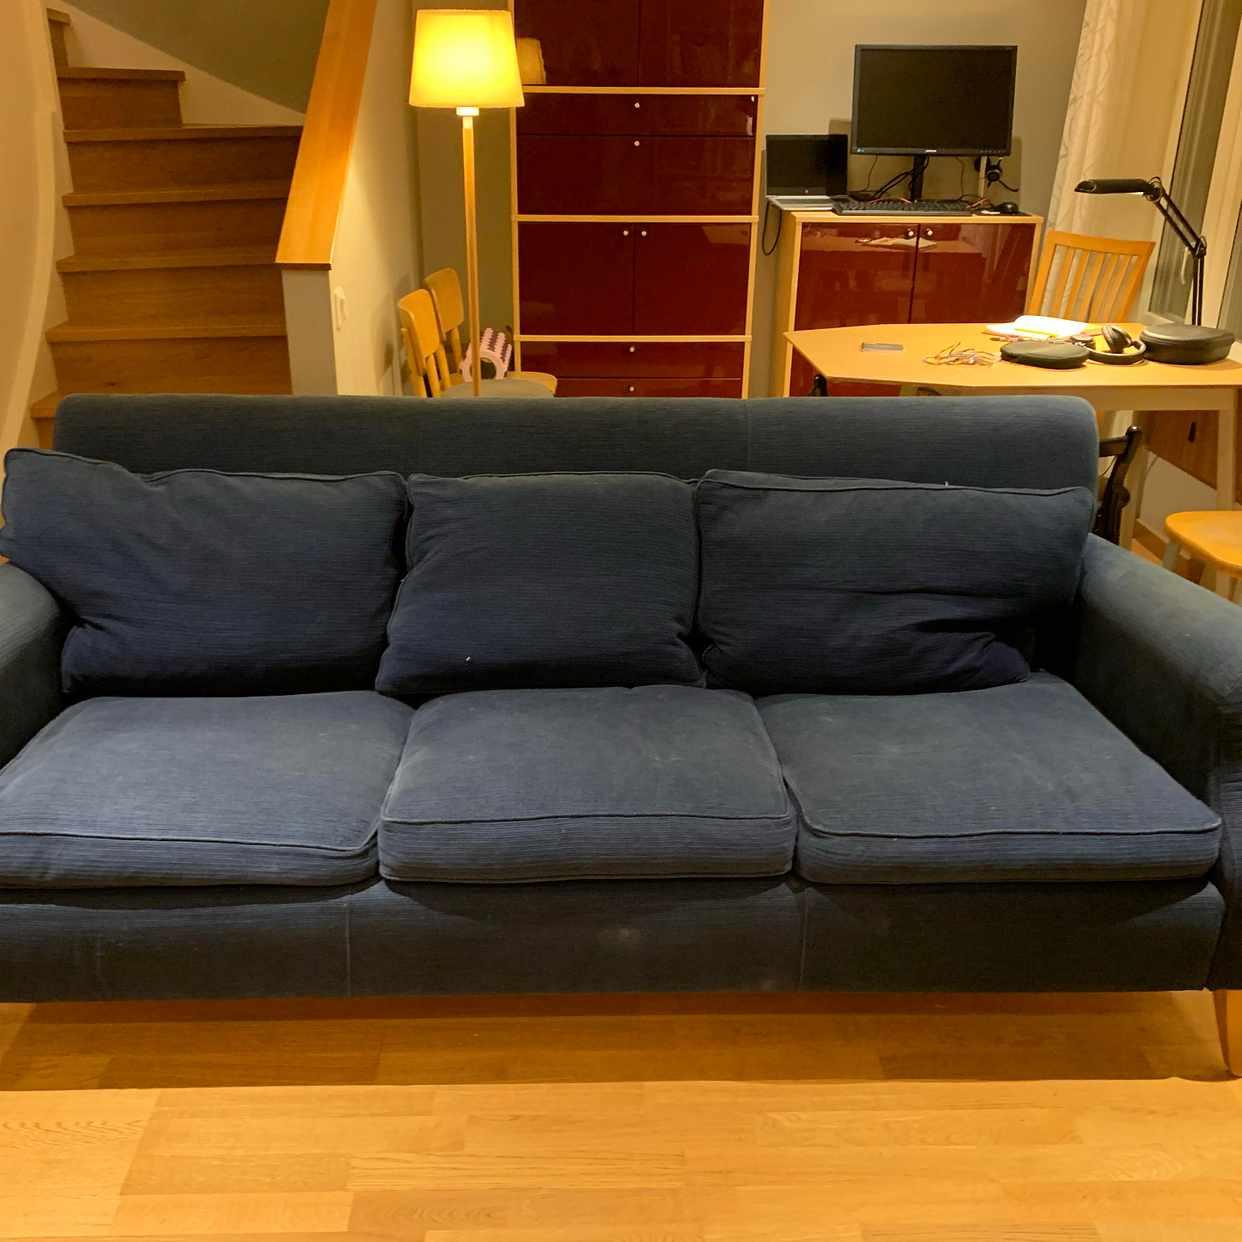 image of Hämta soffa - Solna